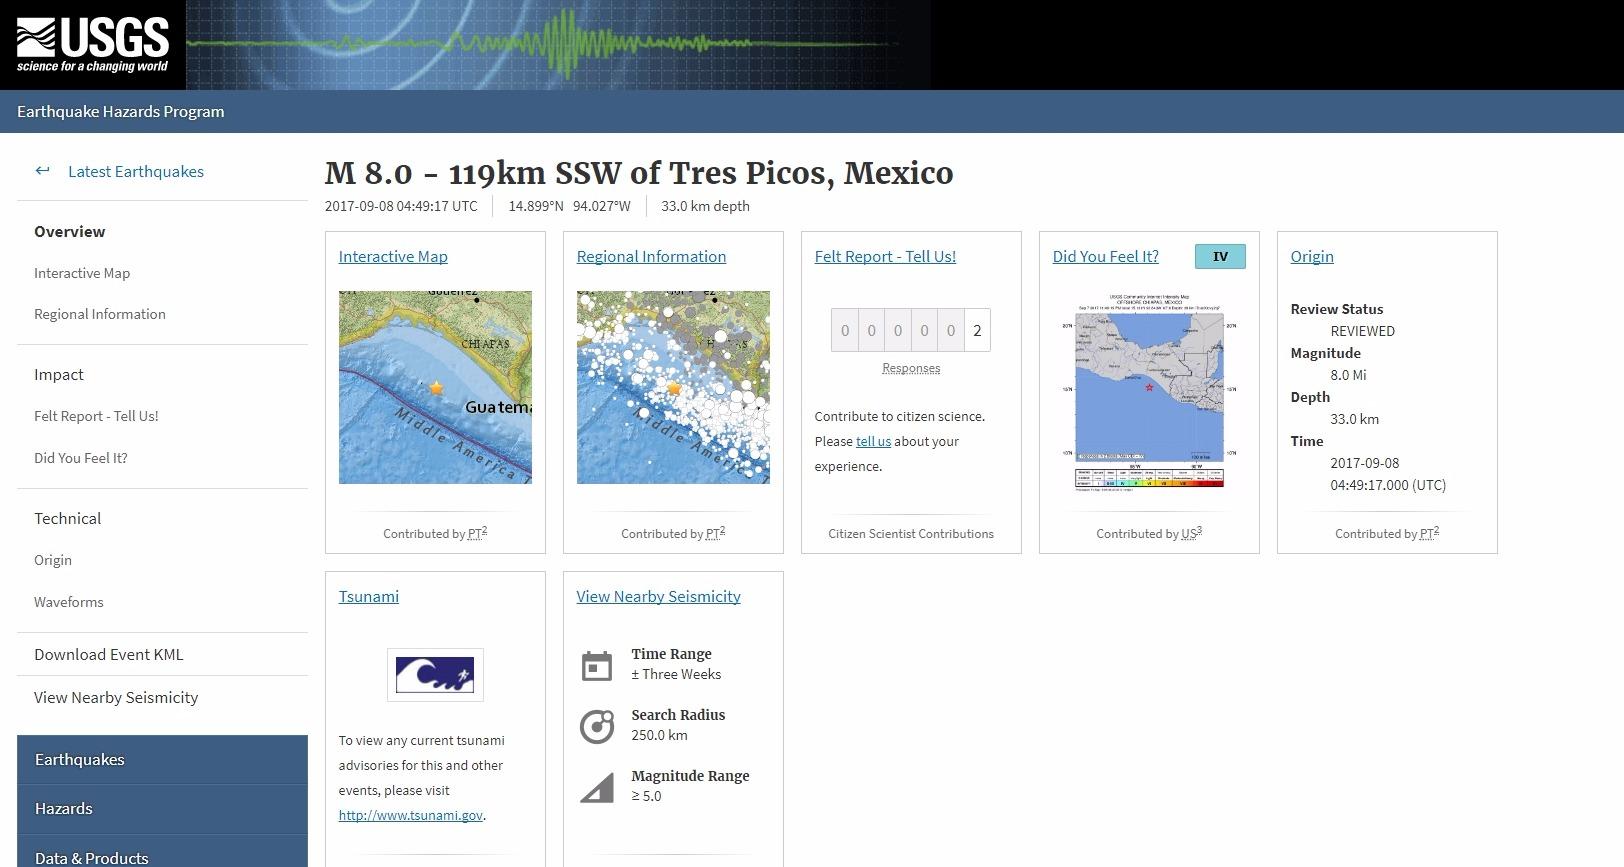 【地震】メキシコ沿岸で「M8.0」の巨大地震が発生